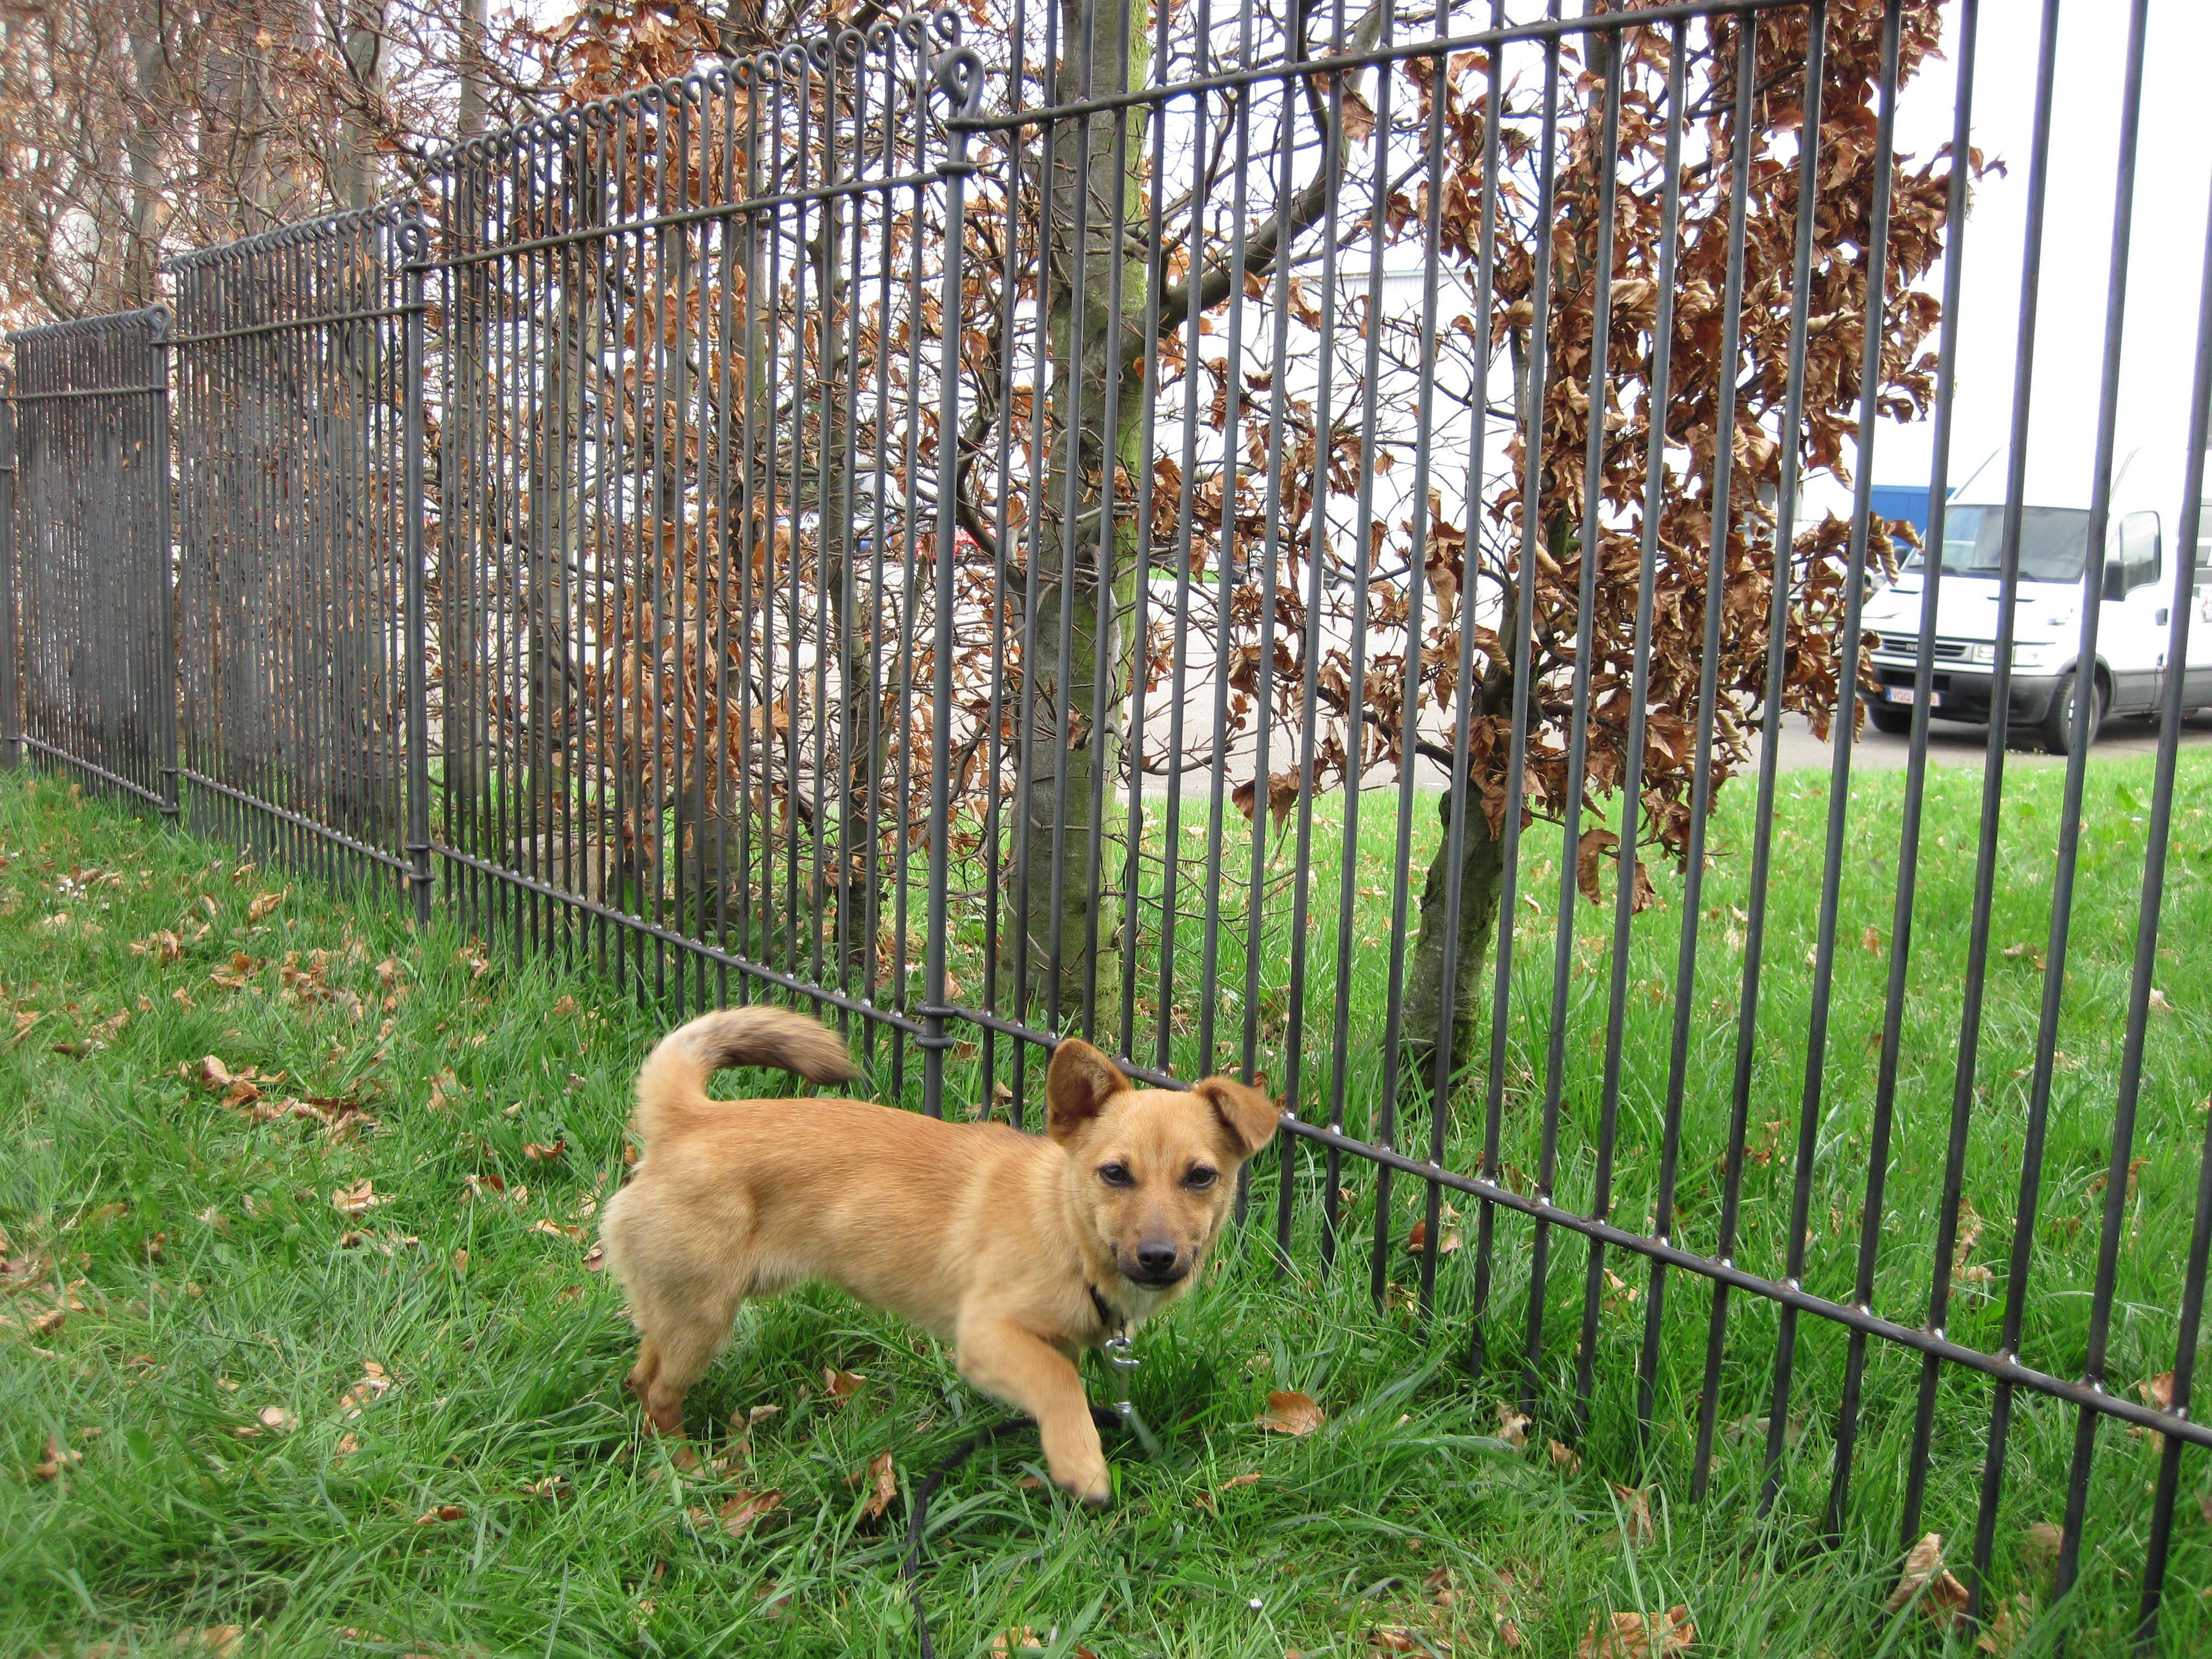 kleiner Hund vor einem anneau engmaschig 115 roh in Eupen Der